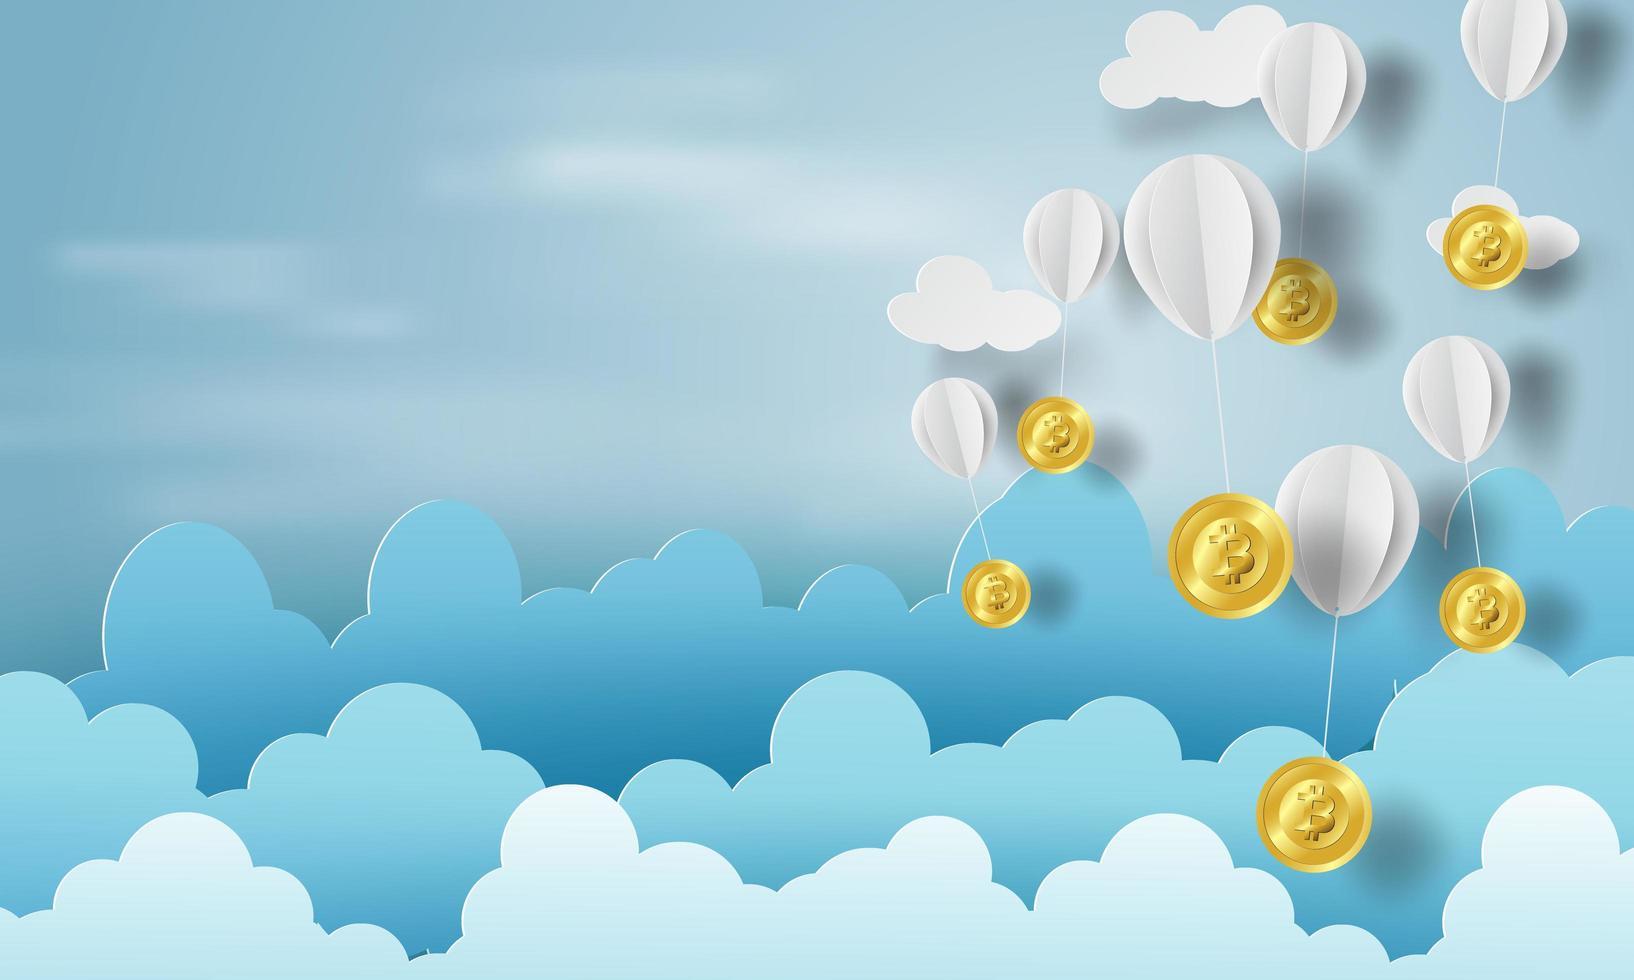 art papier de ballons comme des nuages sur la bannière de ciel bleu avec des bitcoins vecteur